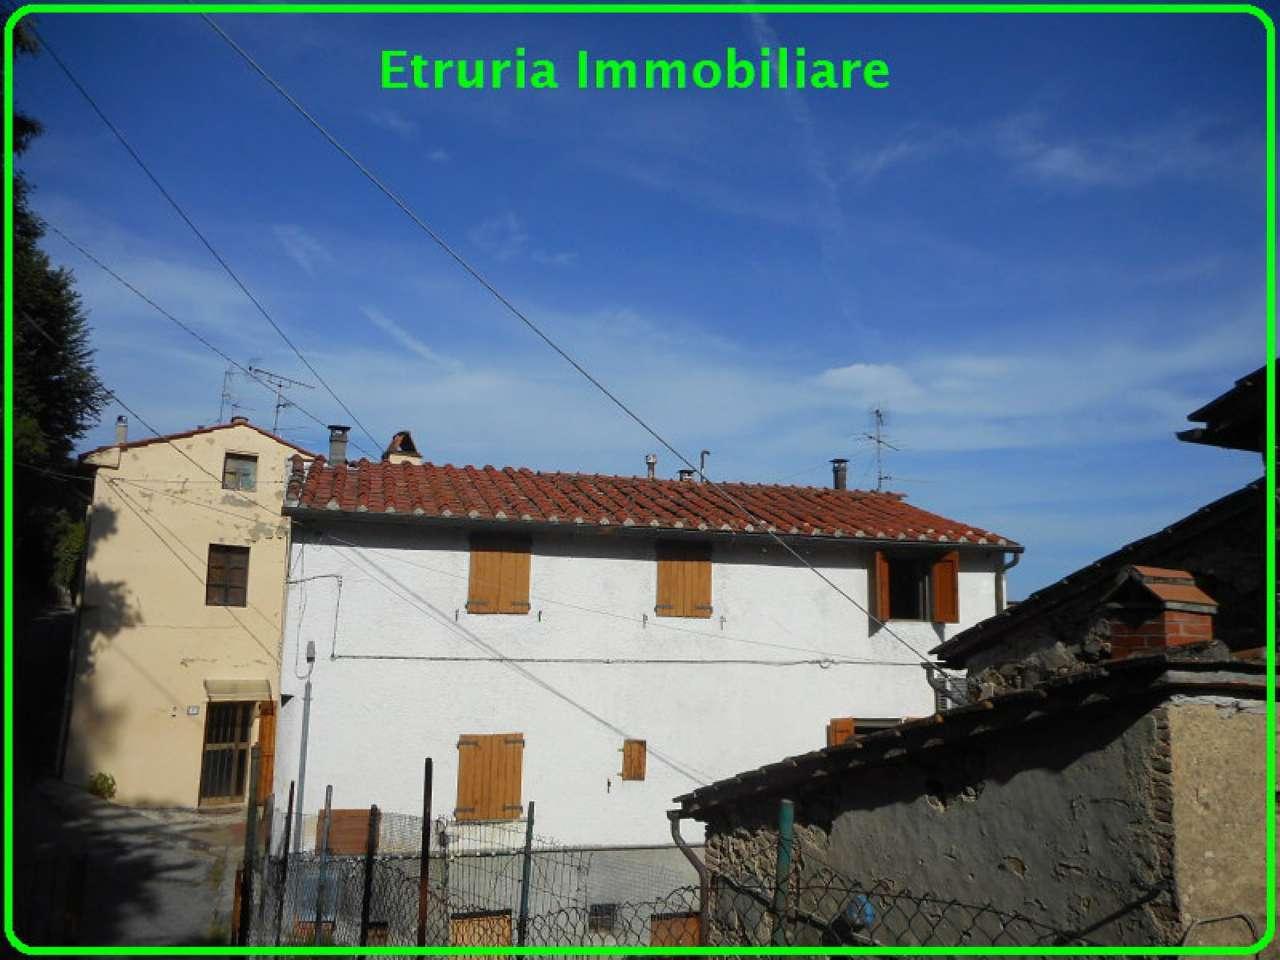 Palazzo / Stabile in vendita a Pistoia, 9 locali, prezzo € 110.000 | CambioCasa.it